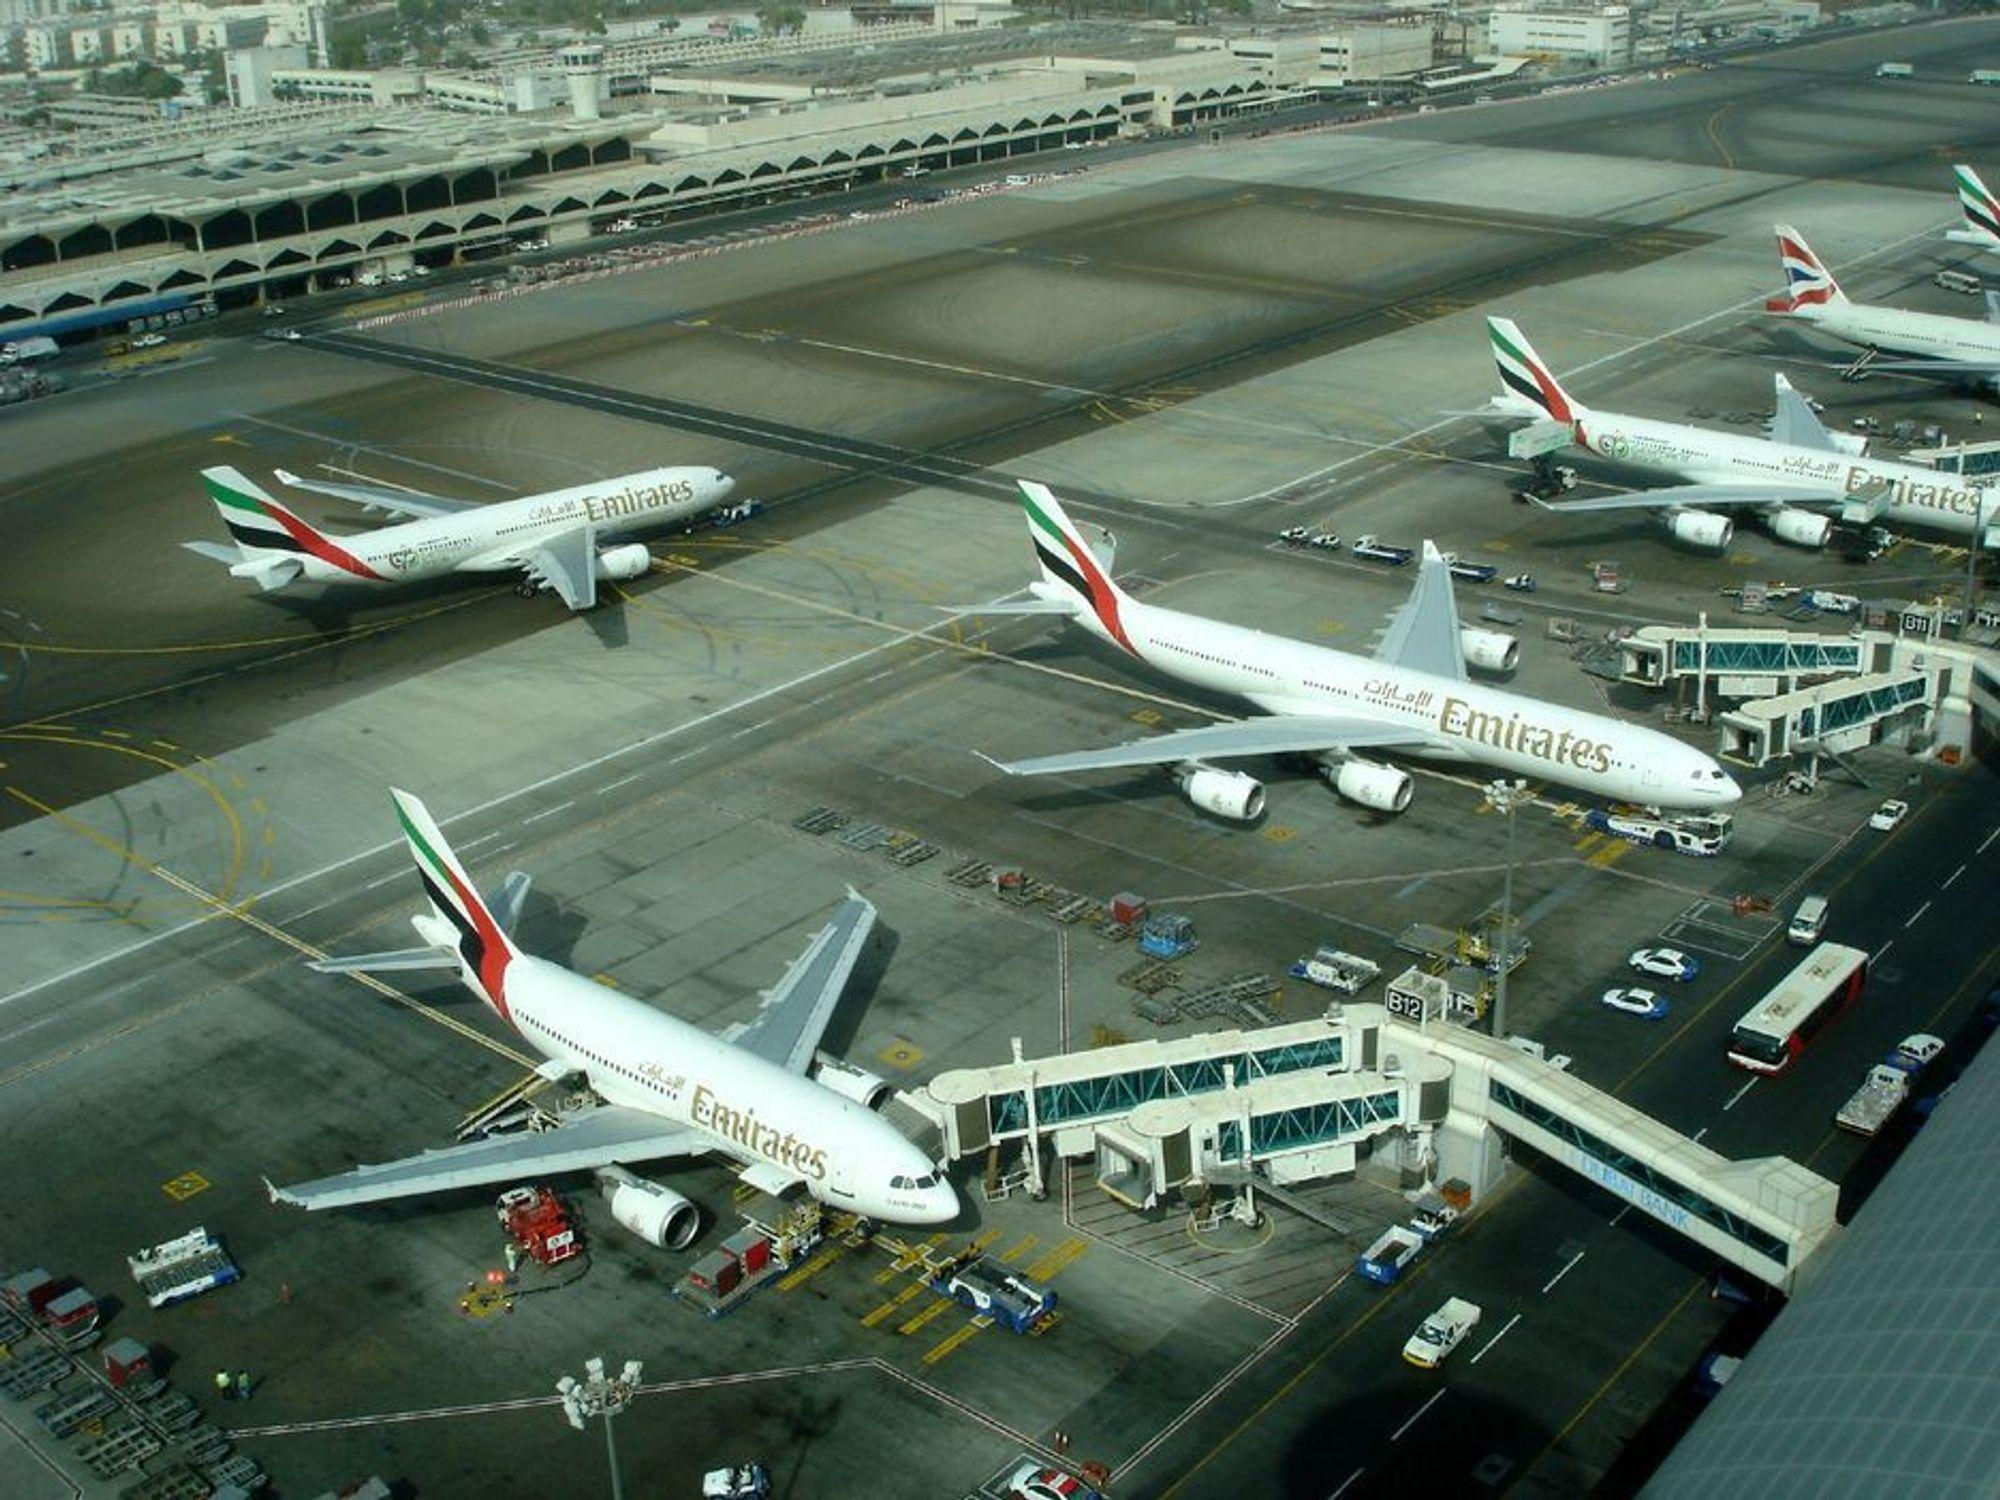 JA TAKK: Store flyplasser sier nå ja til å endre rutinene slik at store fly skyves med traktor ut til et område like ved startbanen. Først da startes hovedmotorene. Flyets egen strømprodusent ¿ en liten gassturbin/generator under halefinnen, skal være i gang hele tiden. Bildet viser storflyplassen i Dubai, som ventes å følge de andre i tiltaket.